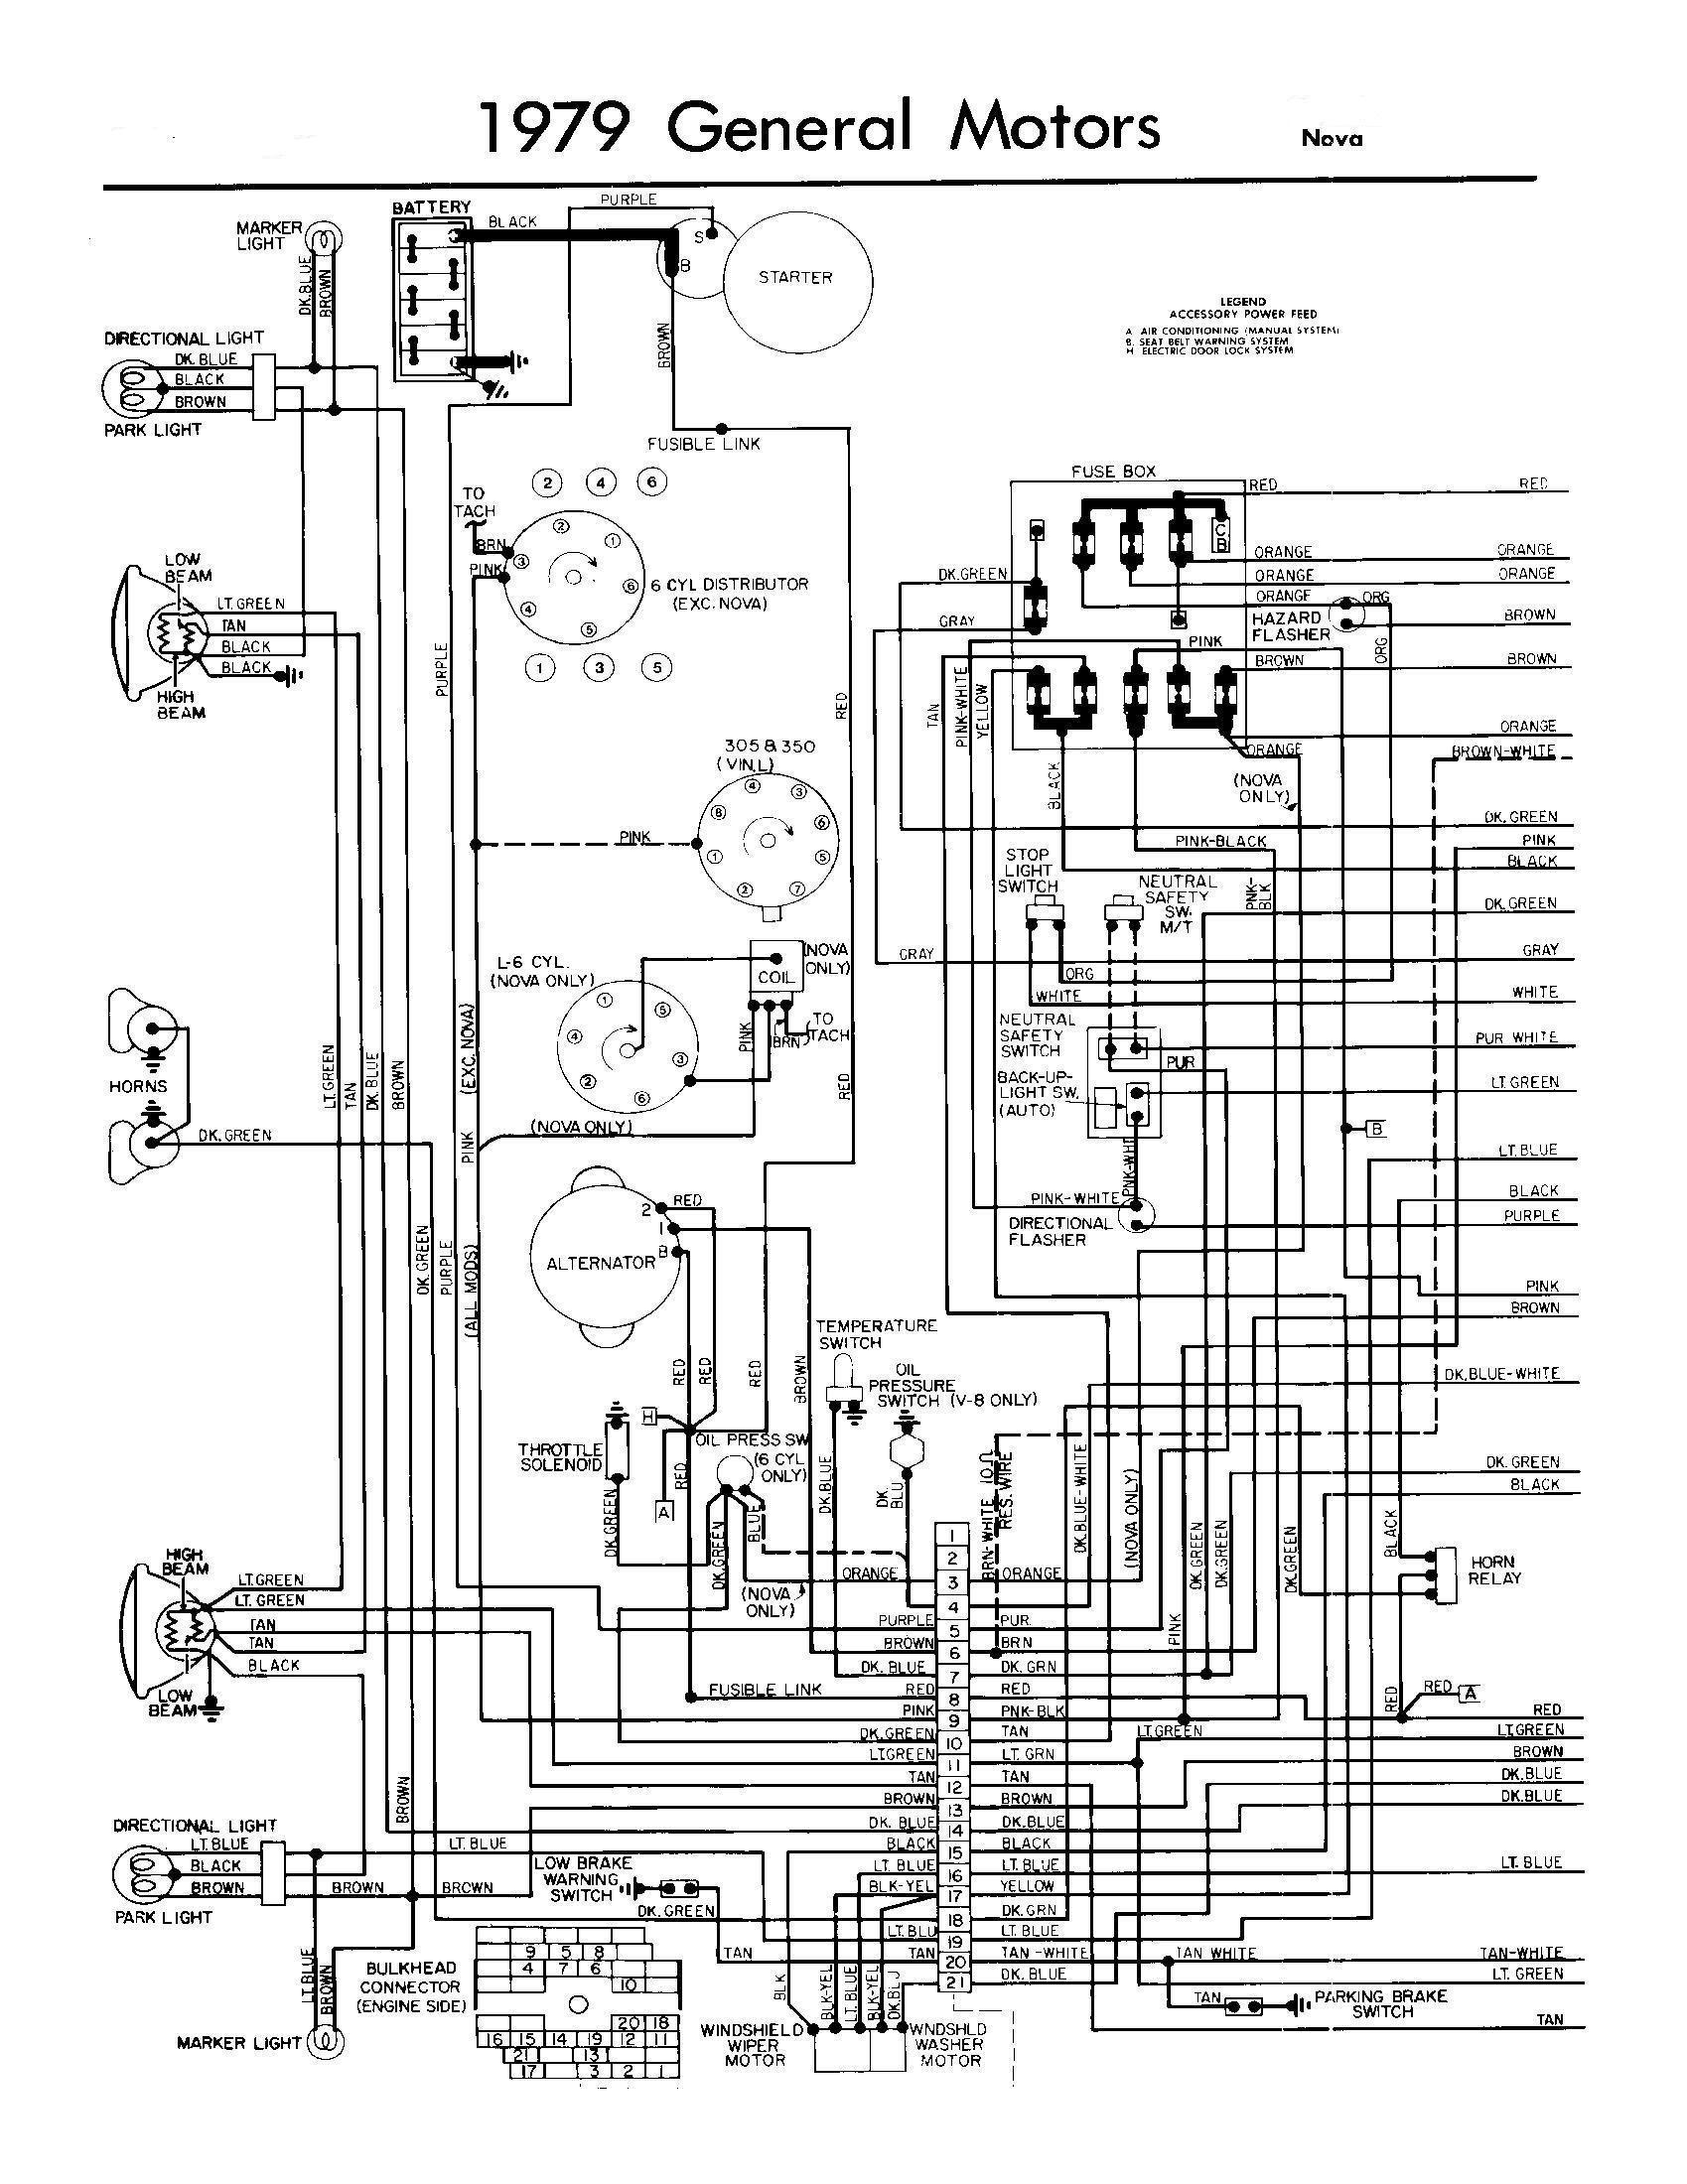 85 Chevy Truck Wiring Diagram All Generation Wiring Schematics Chevy Nova  forum Of 85 Chevy Truck